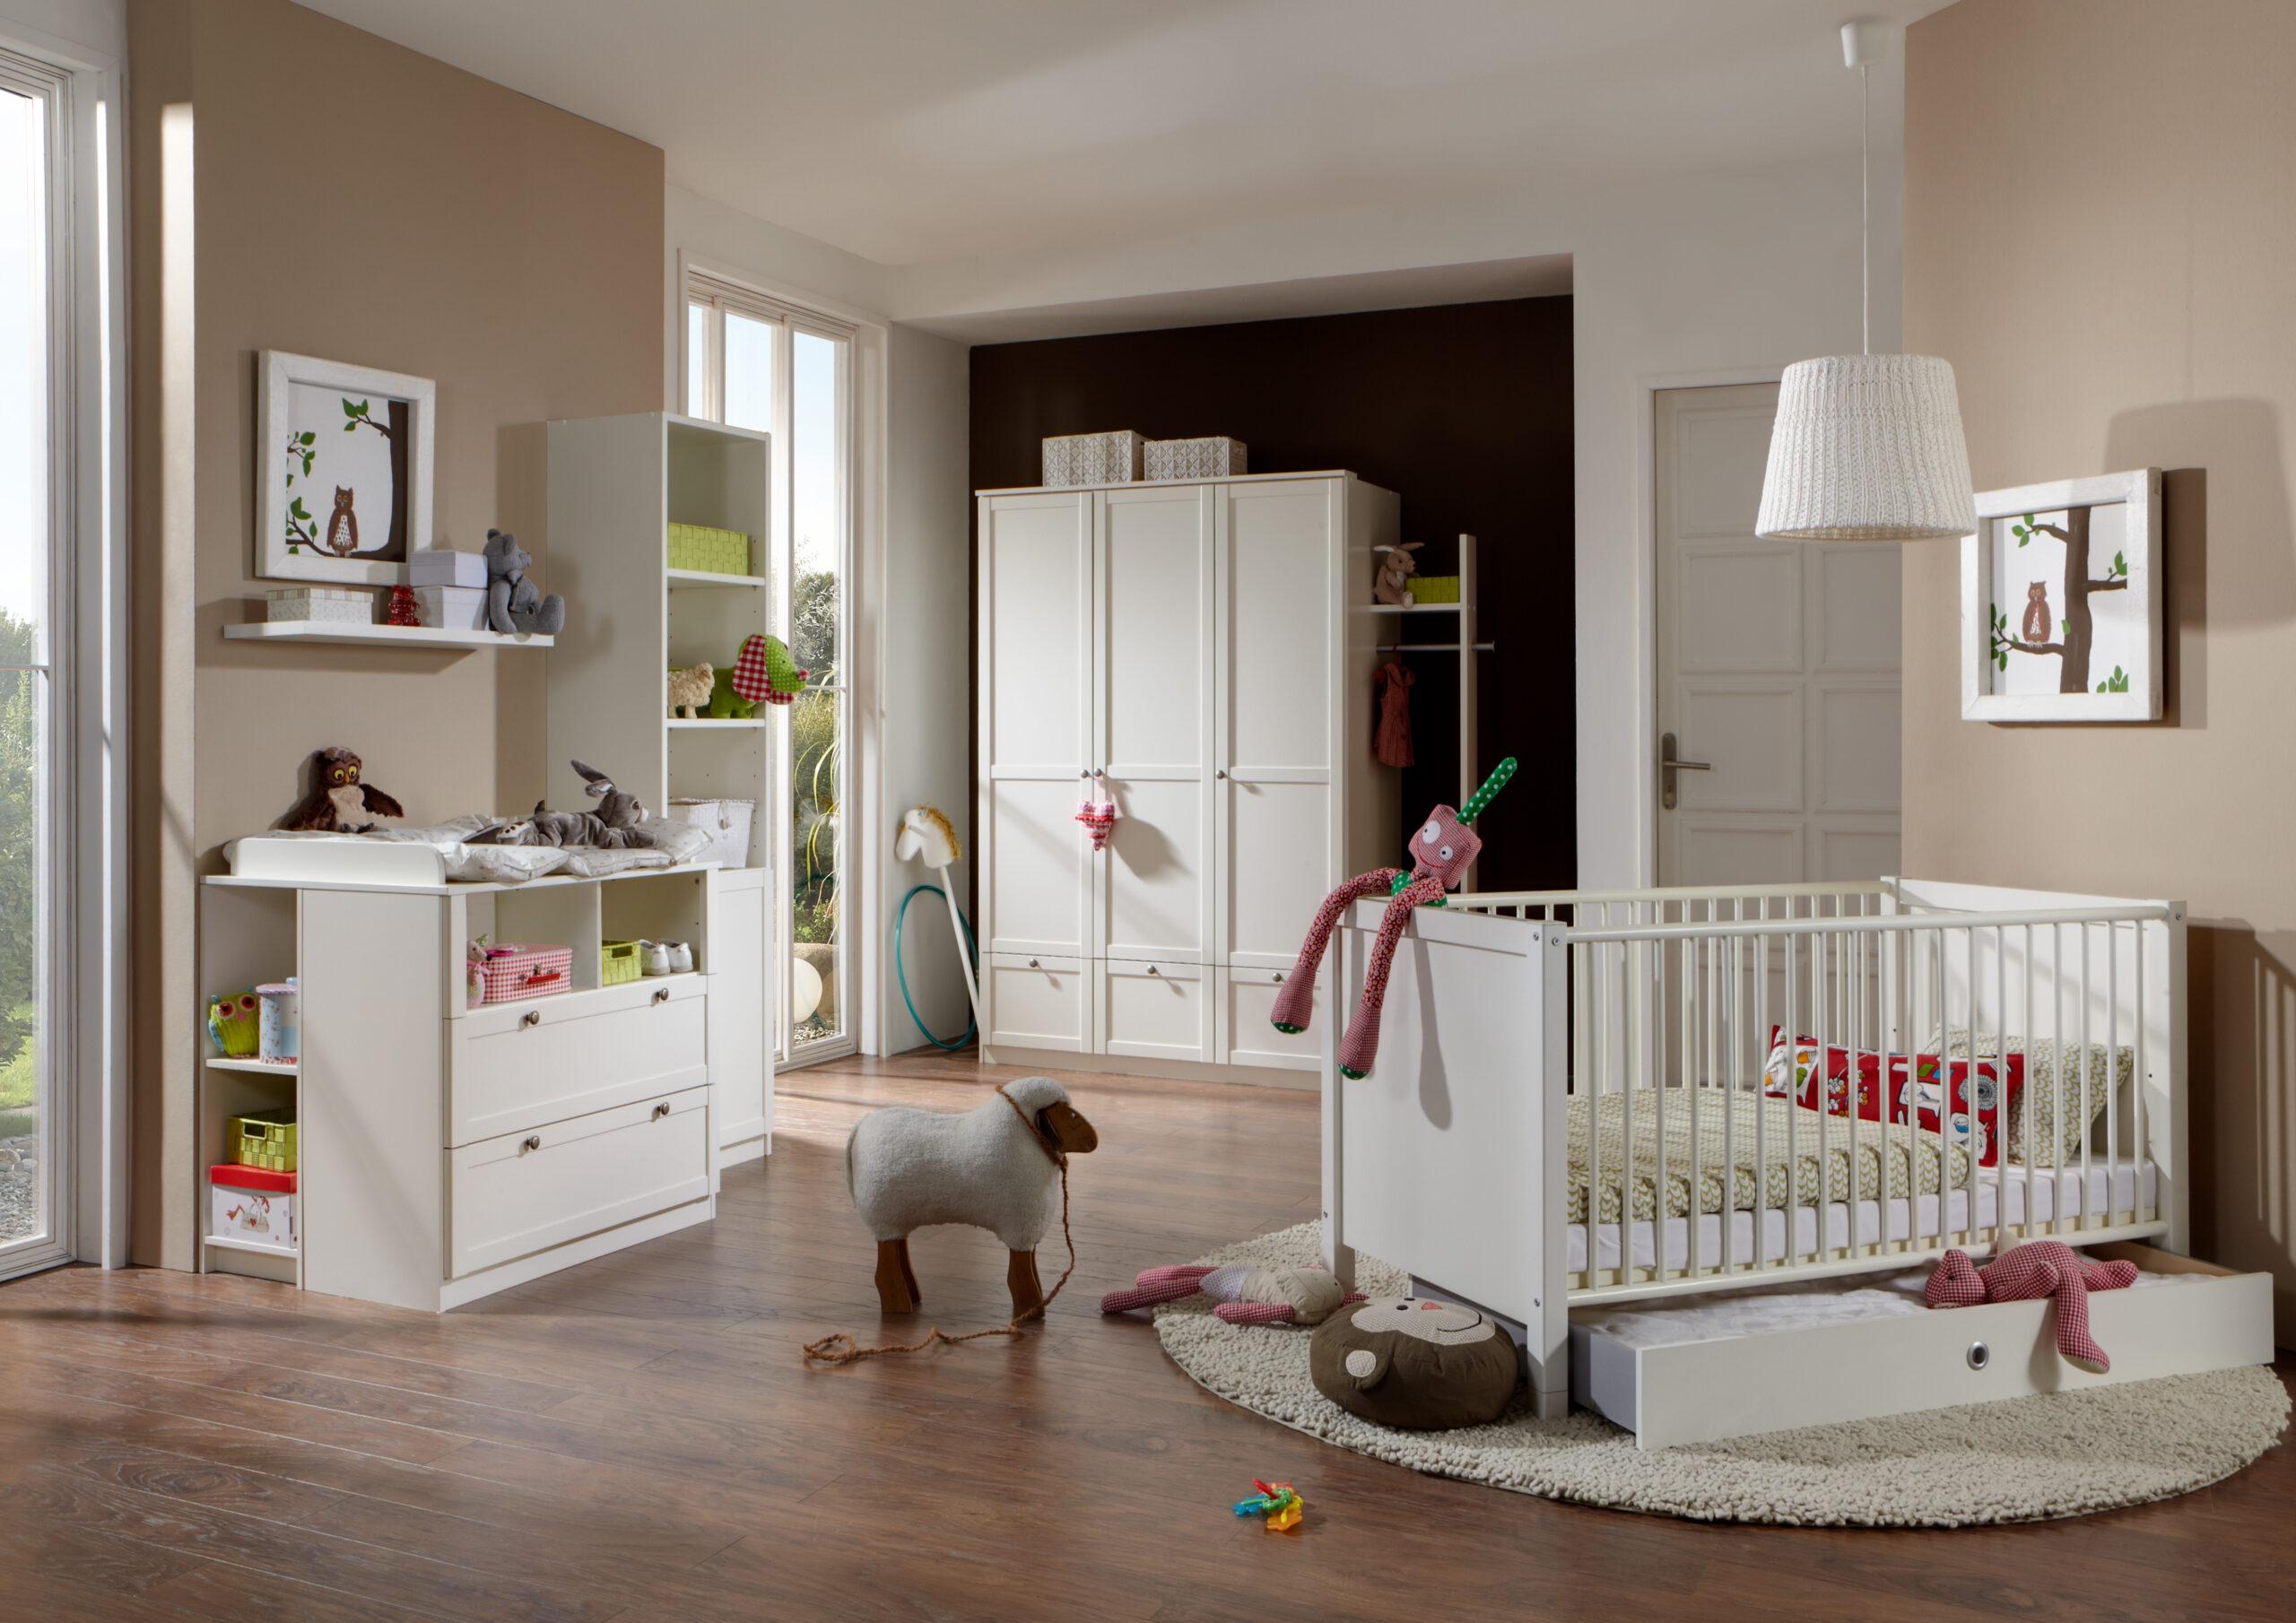 Full Size of 8tlg Babyzimmer Kinderzimmer Komplettset Filou Wei Regale Regal Weiß Günstiges Bett Günstige Betten 140x200 Sofa Küche Mit E Geräten Schlafzimmer Komplett Kinderzimmer Günstige Kinderzimmer